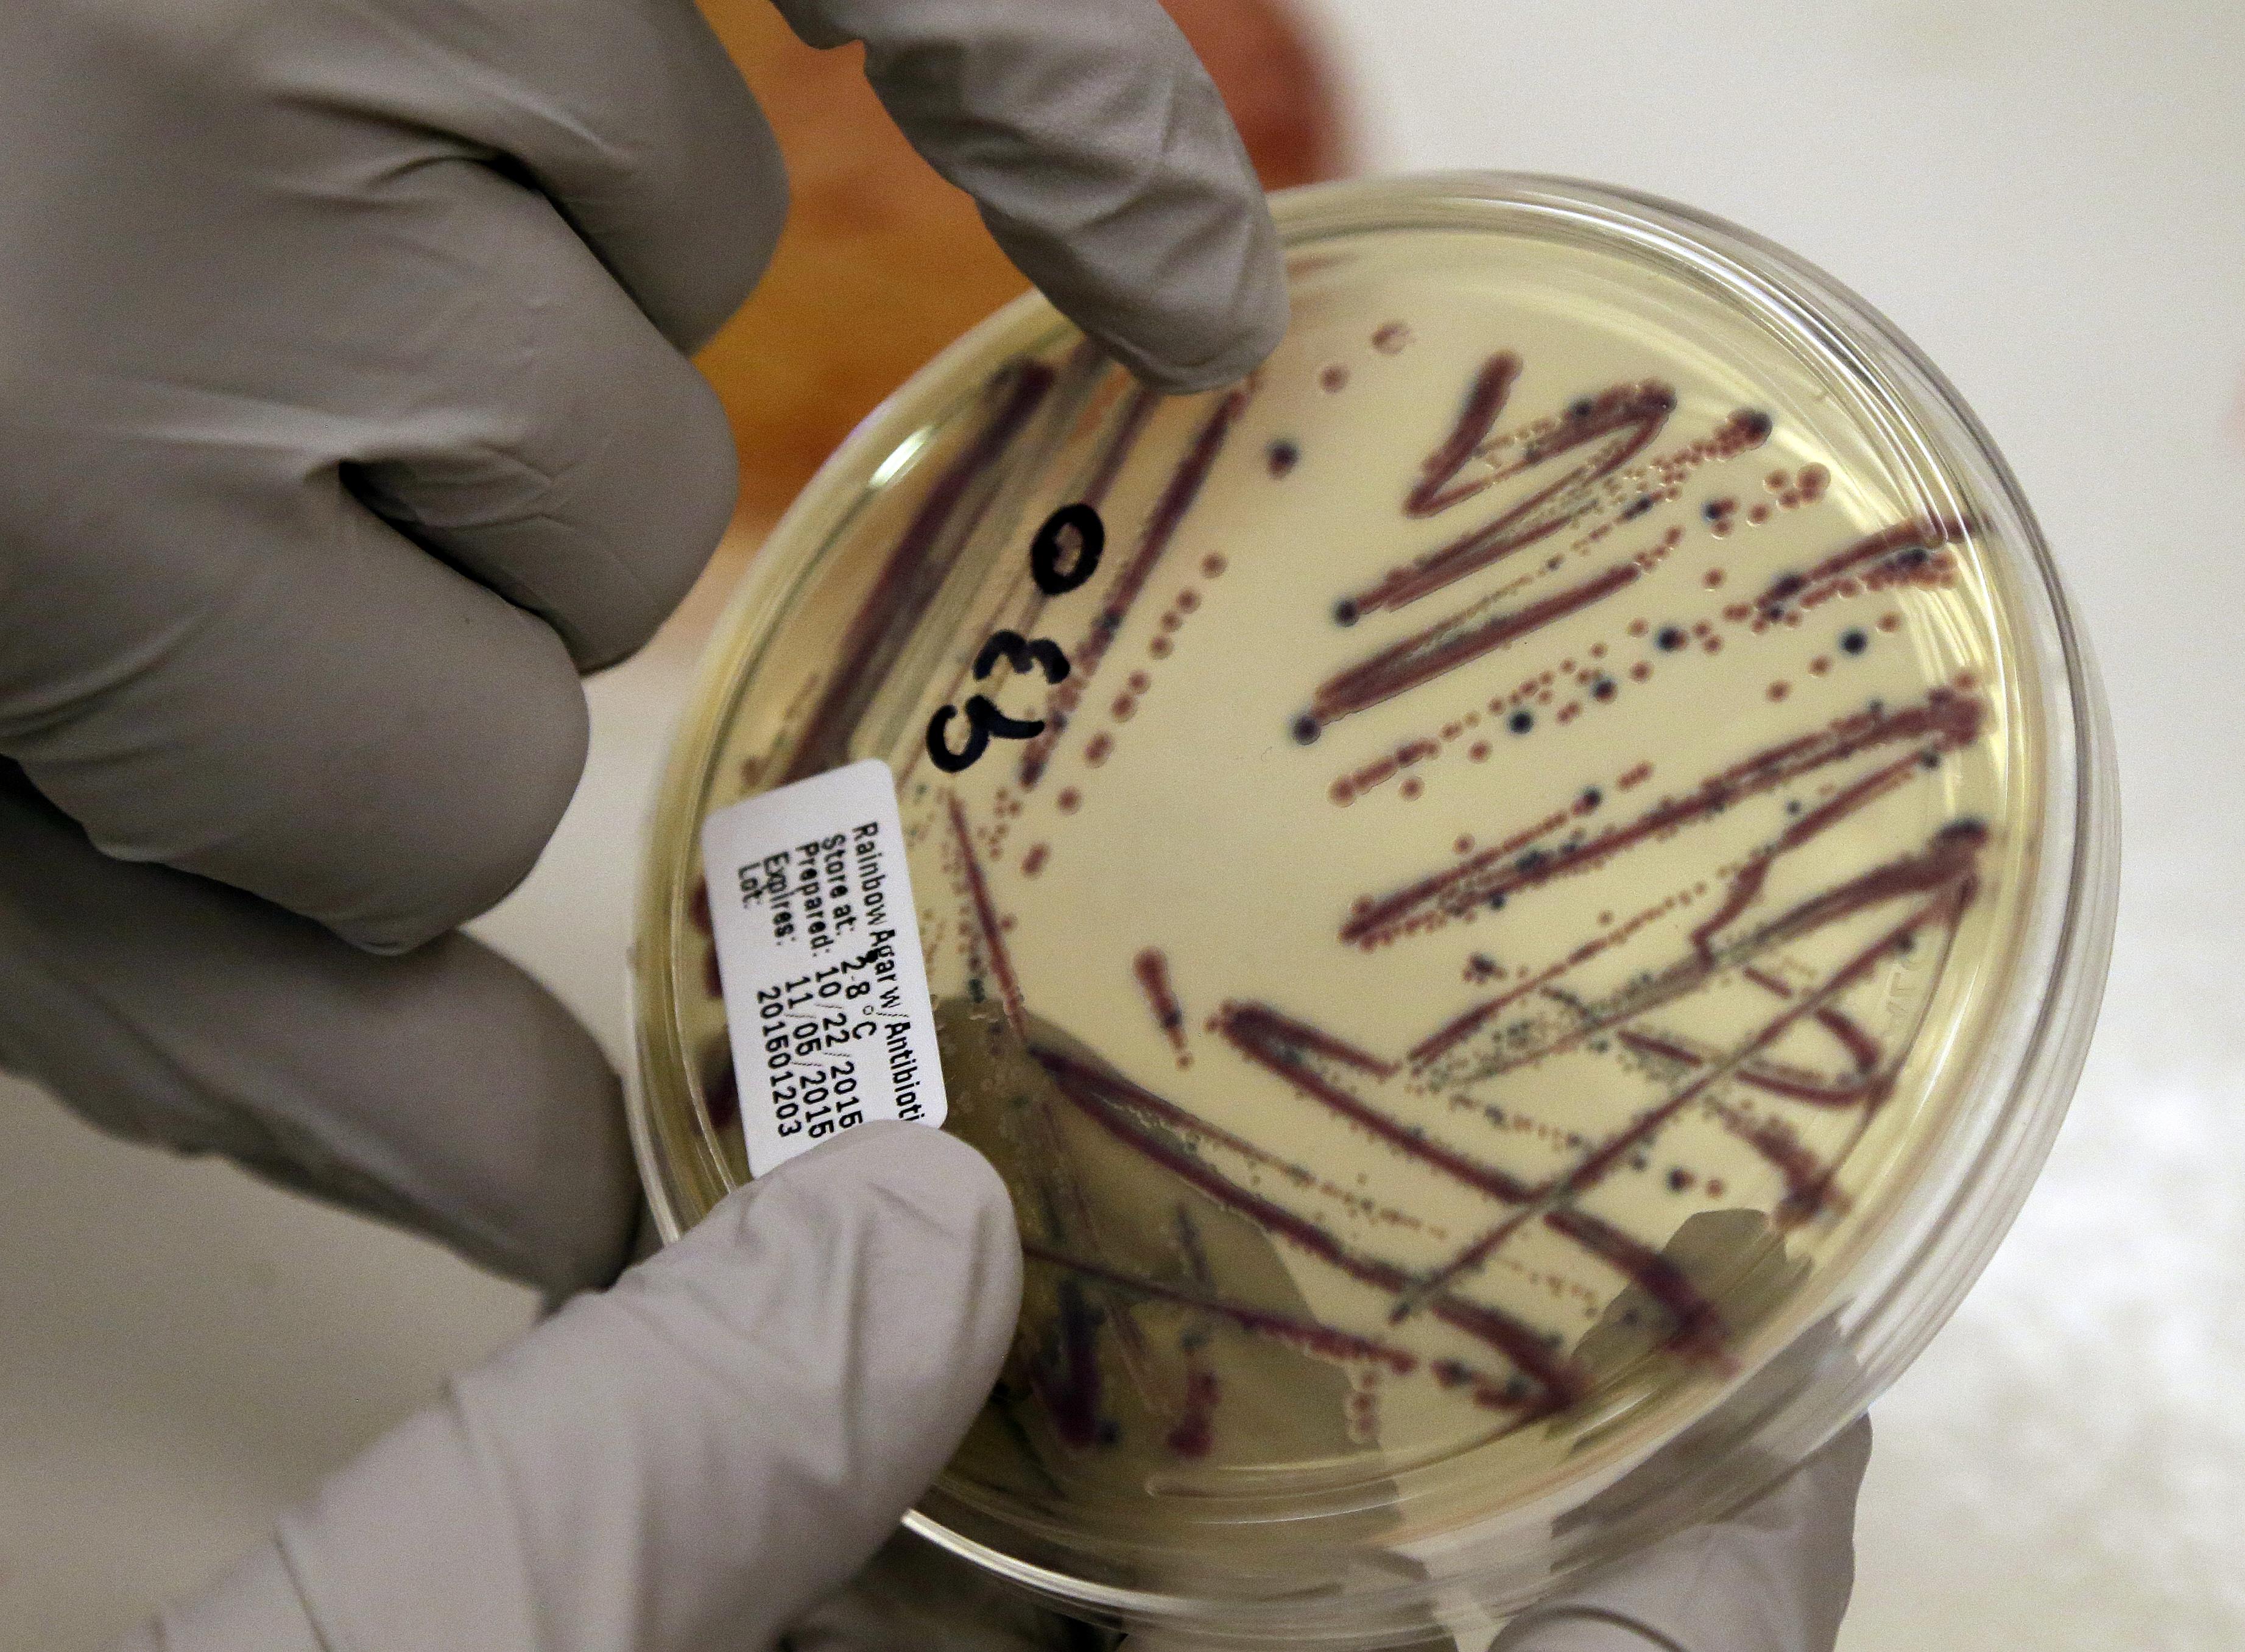 Photo: Chipotle E. coli Petrie Dish